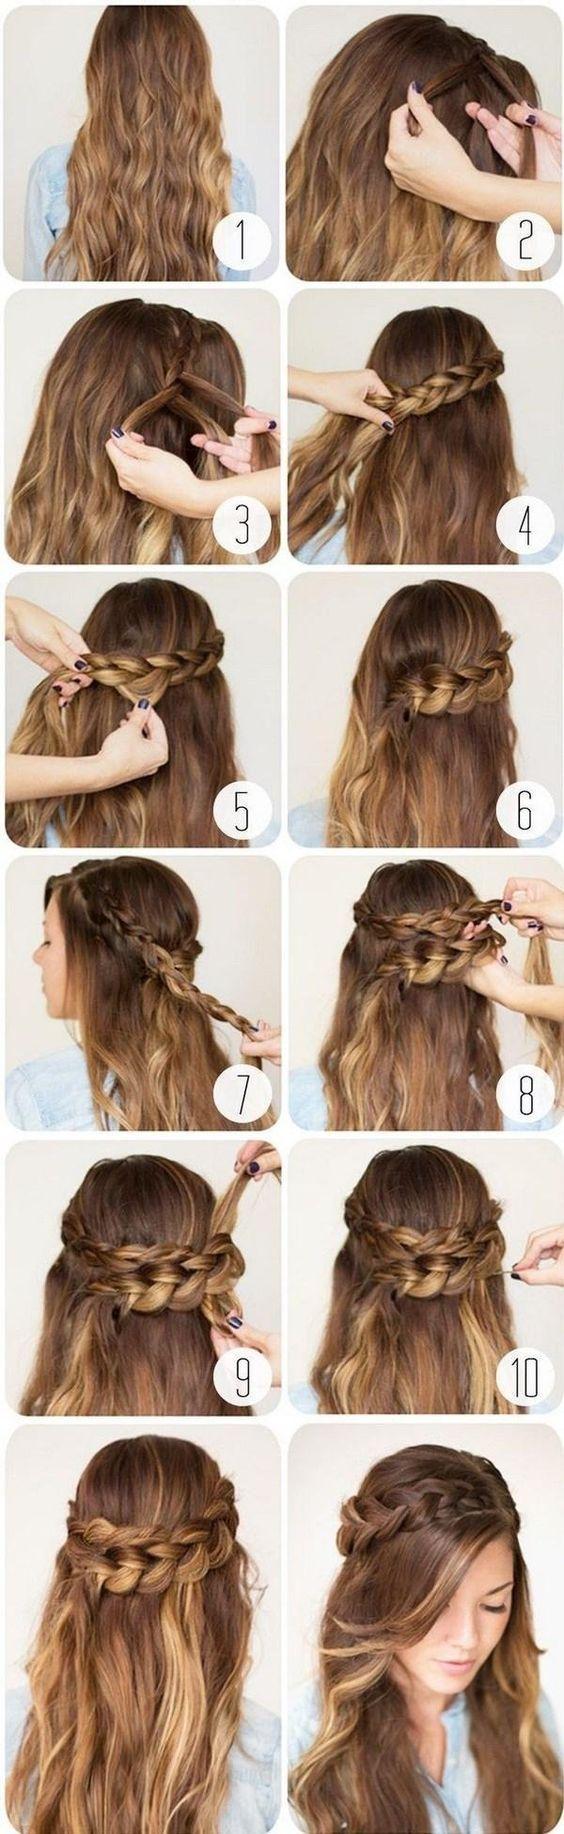 No te pierdas 5 hermosos peinados con trenzas que podrás hacer tu misma: